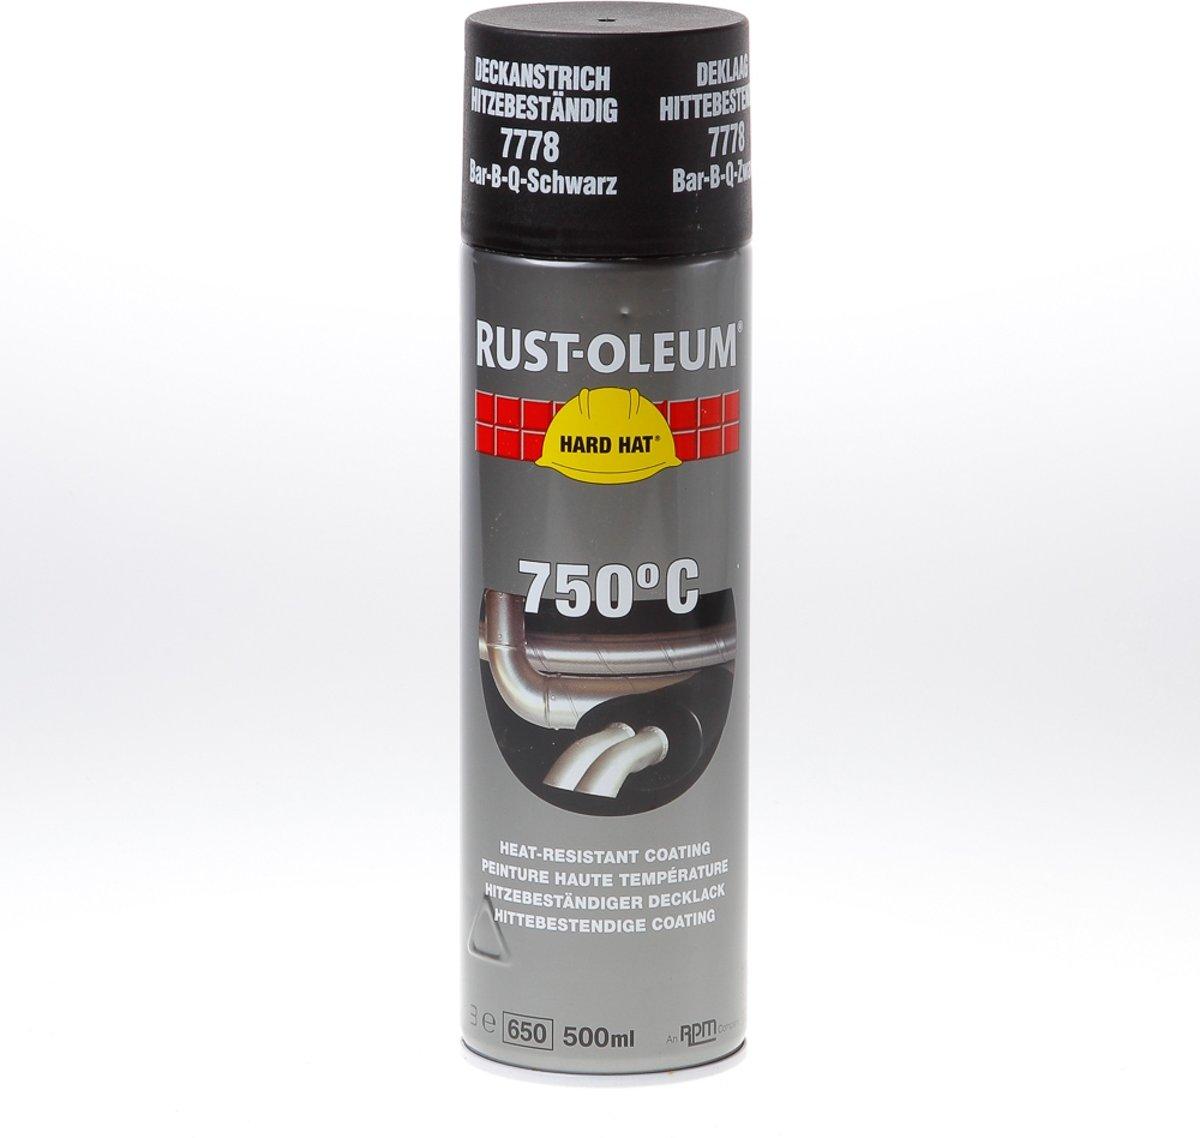 Rust-Oleum Coating hittebestendig zwart 500ml kopen